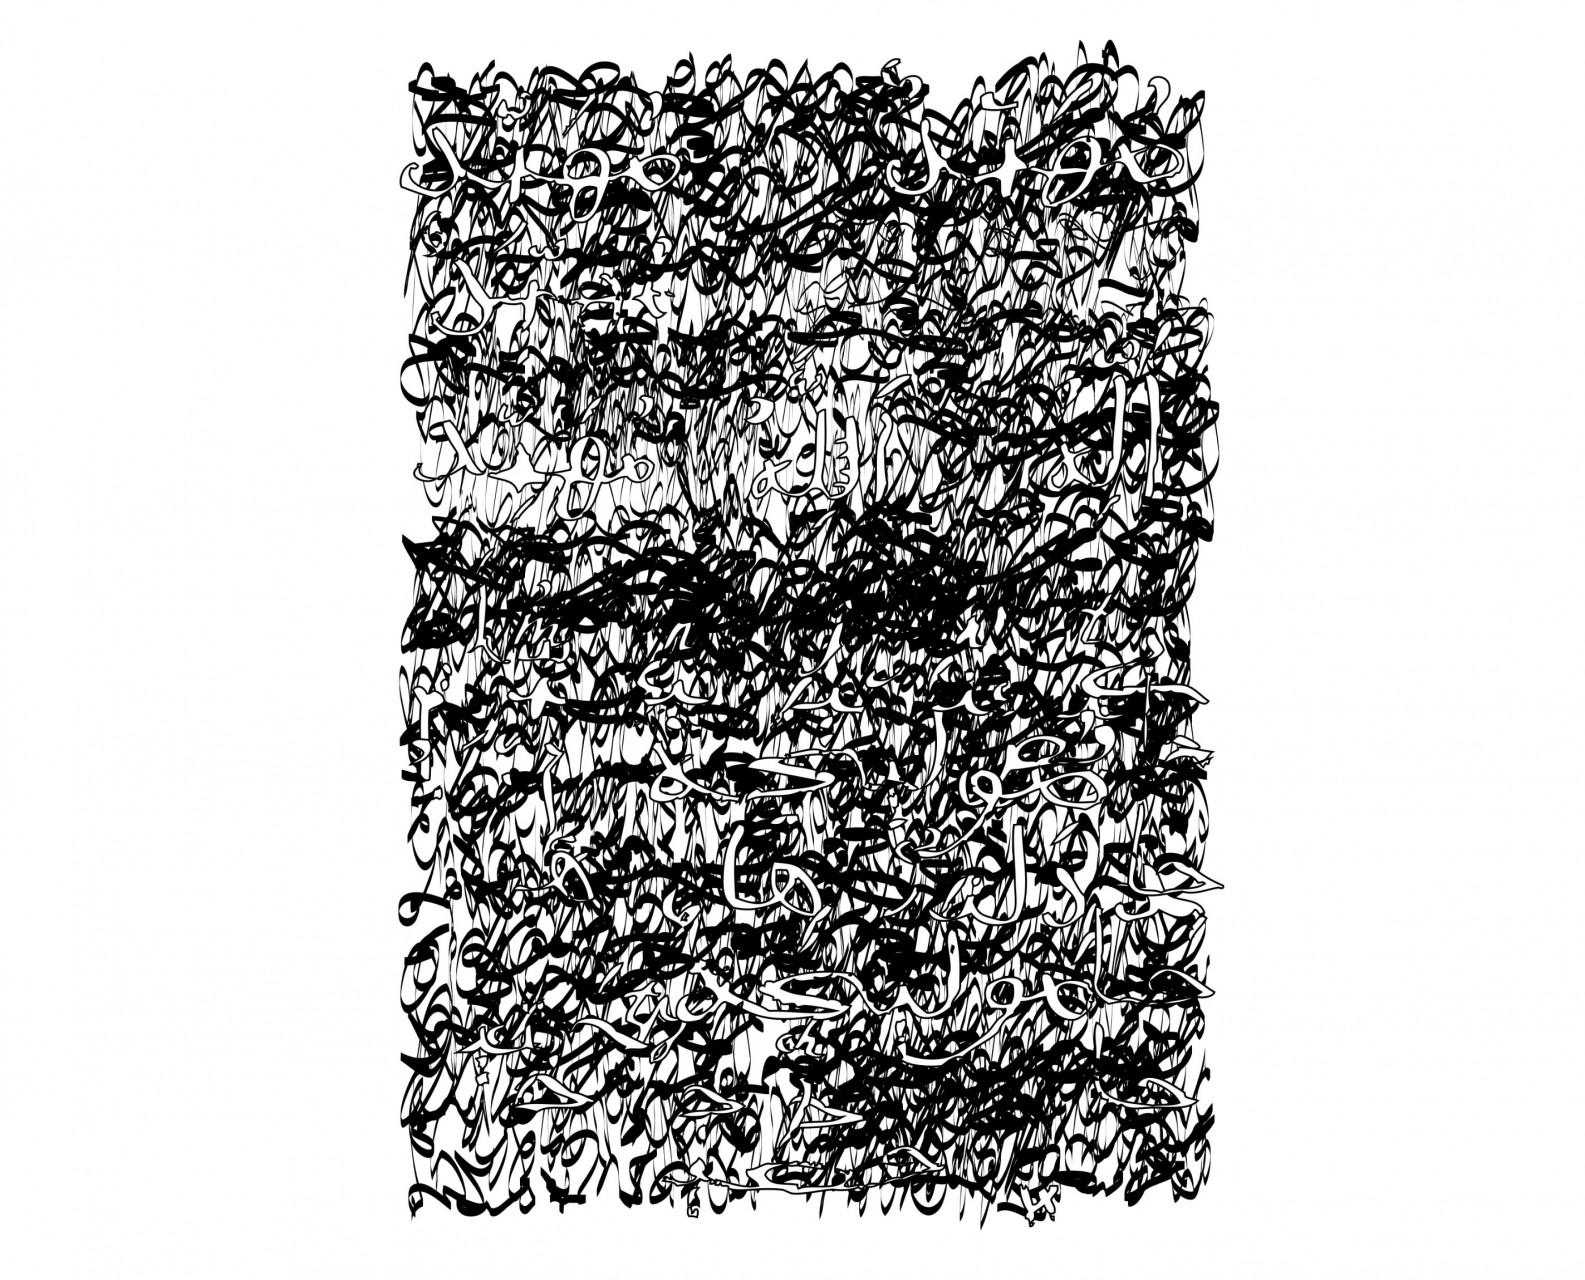 Palimpsest 014, 205 x 137 cm, 2017